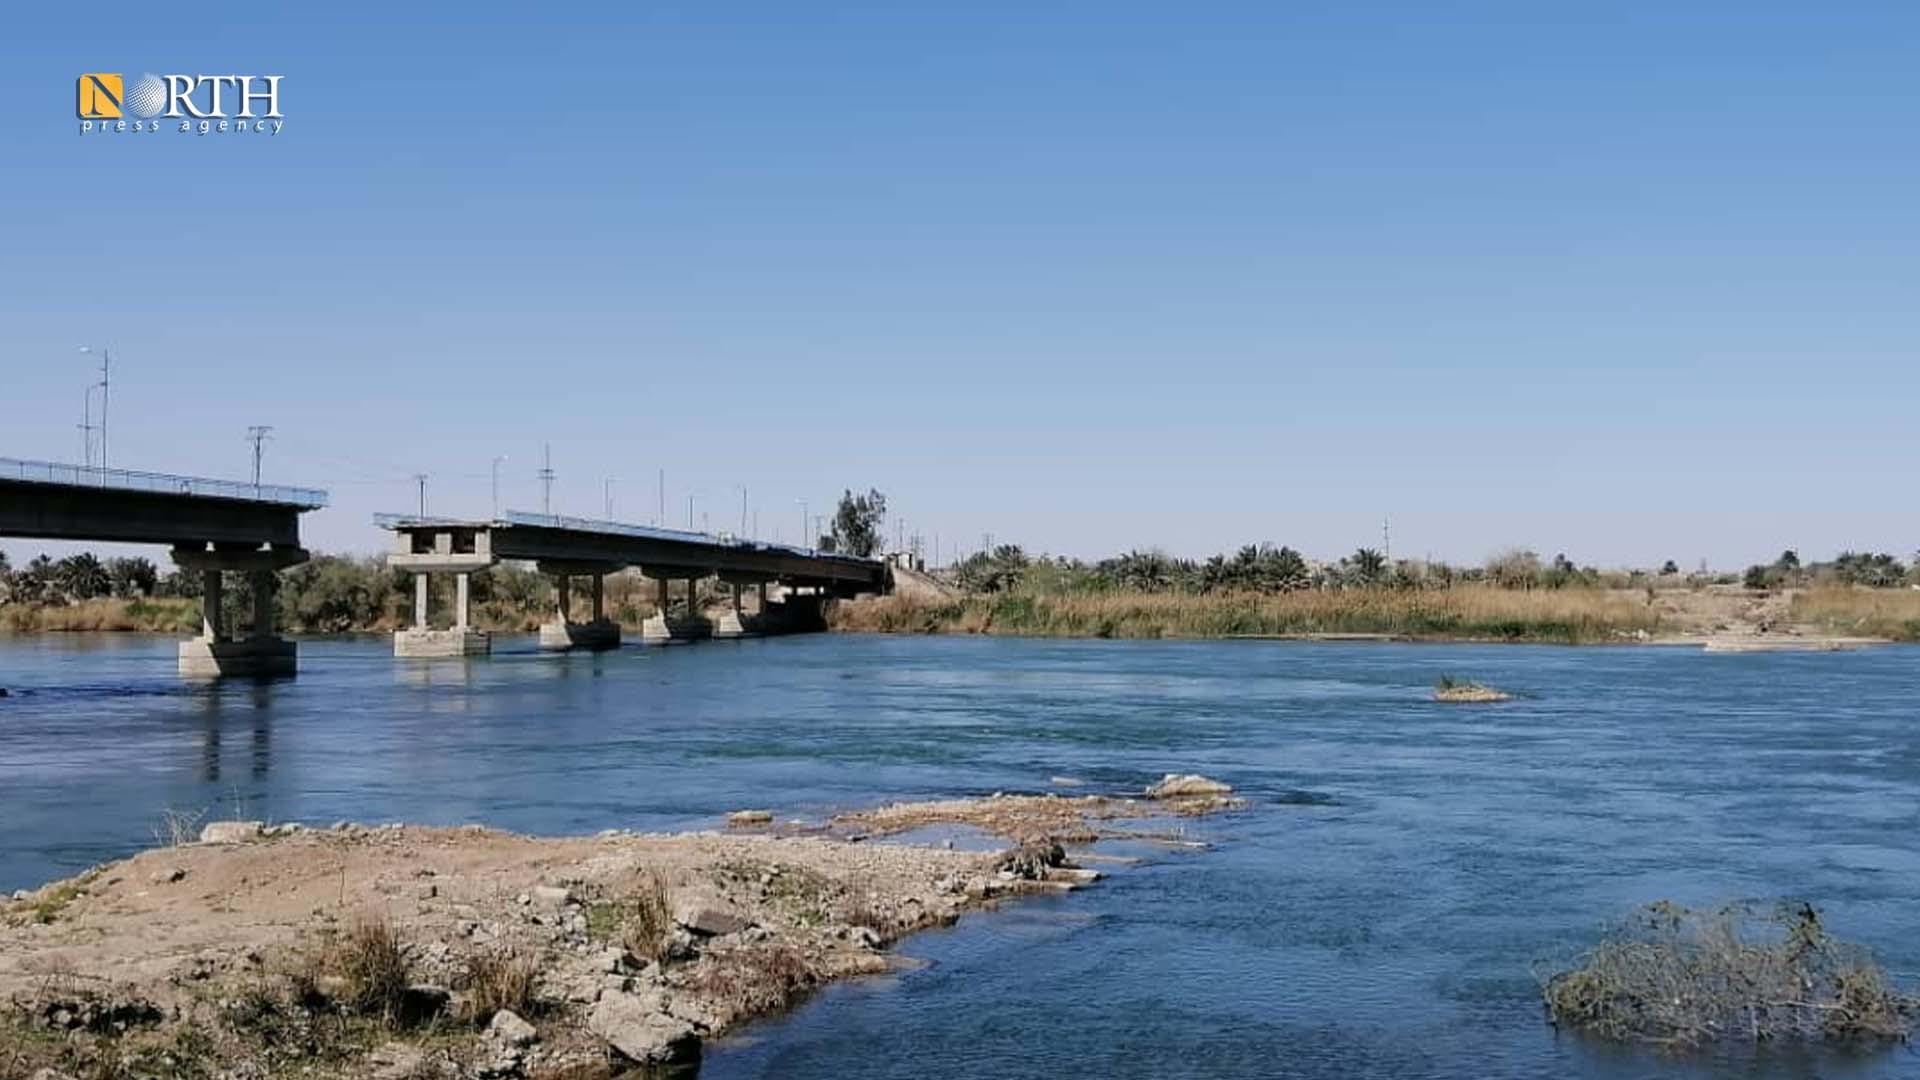 al-Bukamal Bridge in the town of al-Baghouz - North-Press